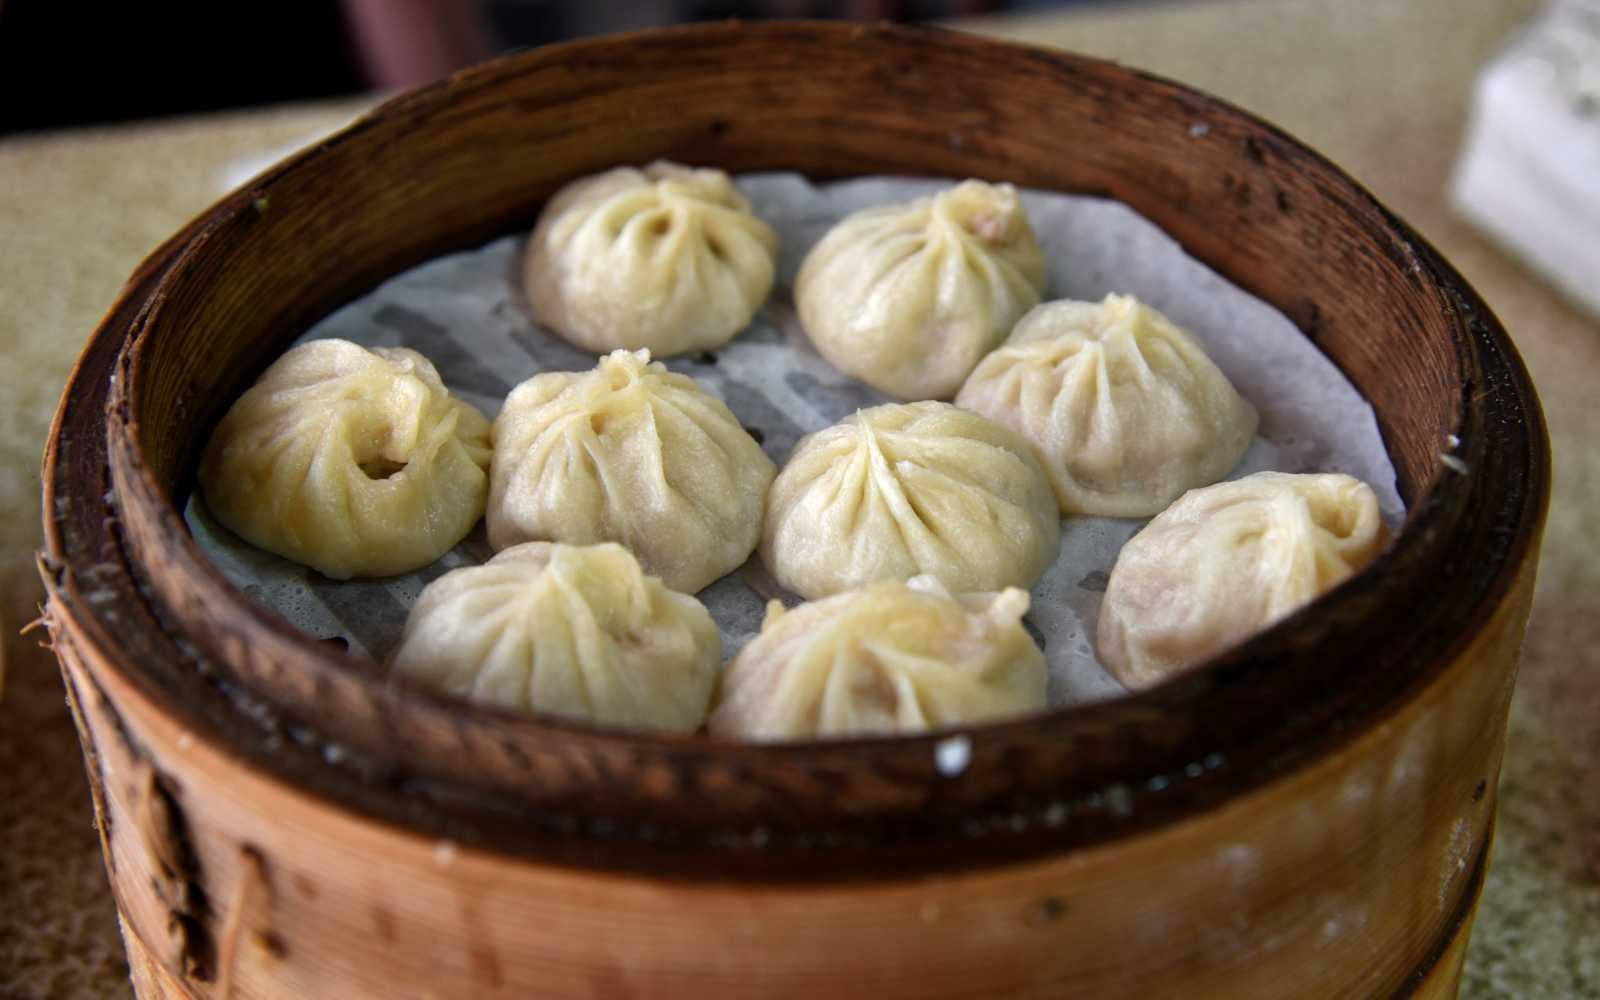 Ricetta Originale Ravioli Al Vapore Cinesi.Come Fare I Ravioli Al Vapore Cinesi Sushi E Noodles